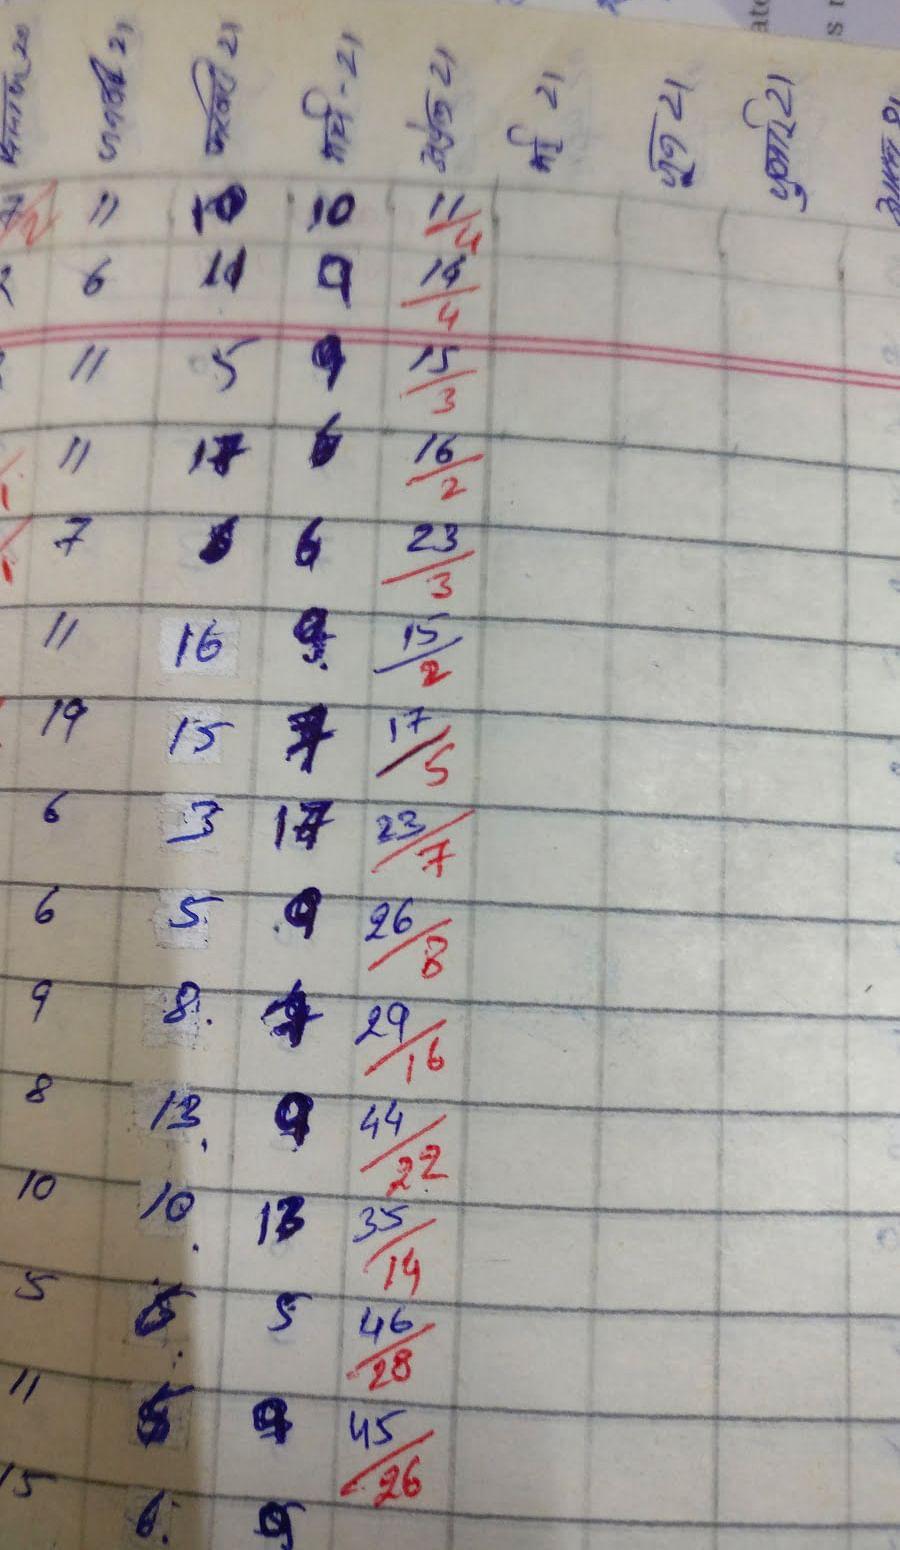 नीला पेन से कुल लाशों को लिखा गया हैं और लाल पेन से कोविड से हुई मौतें.